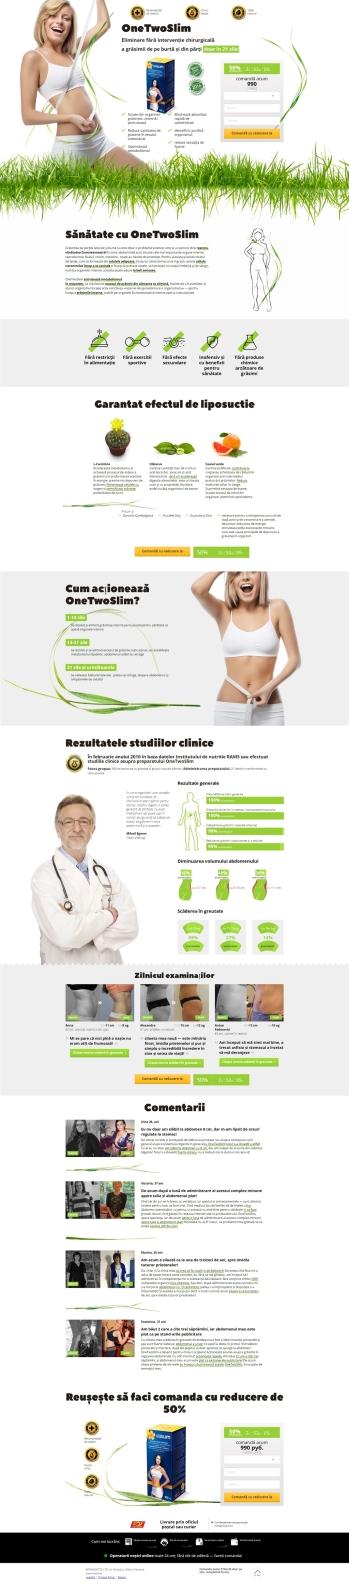 Rezultatele scăderii în greutate de o lună)